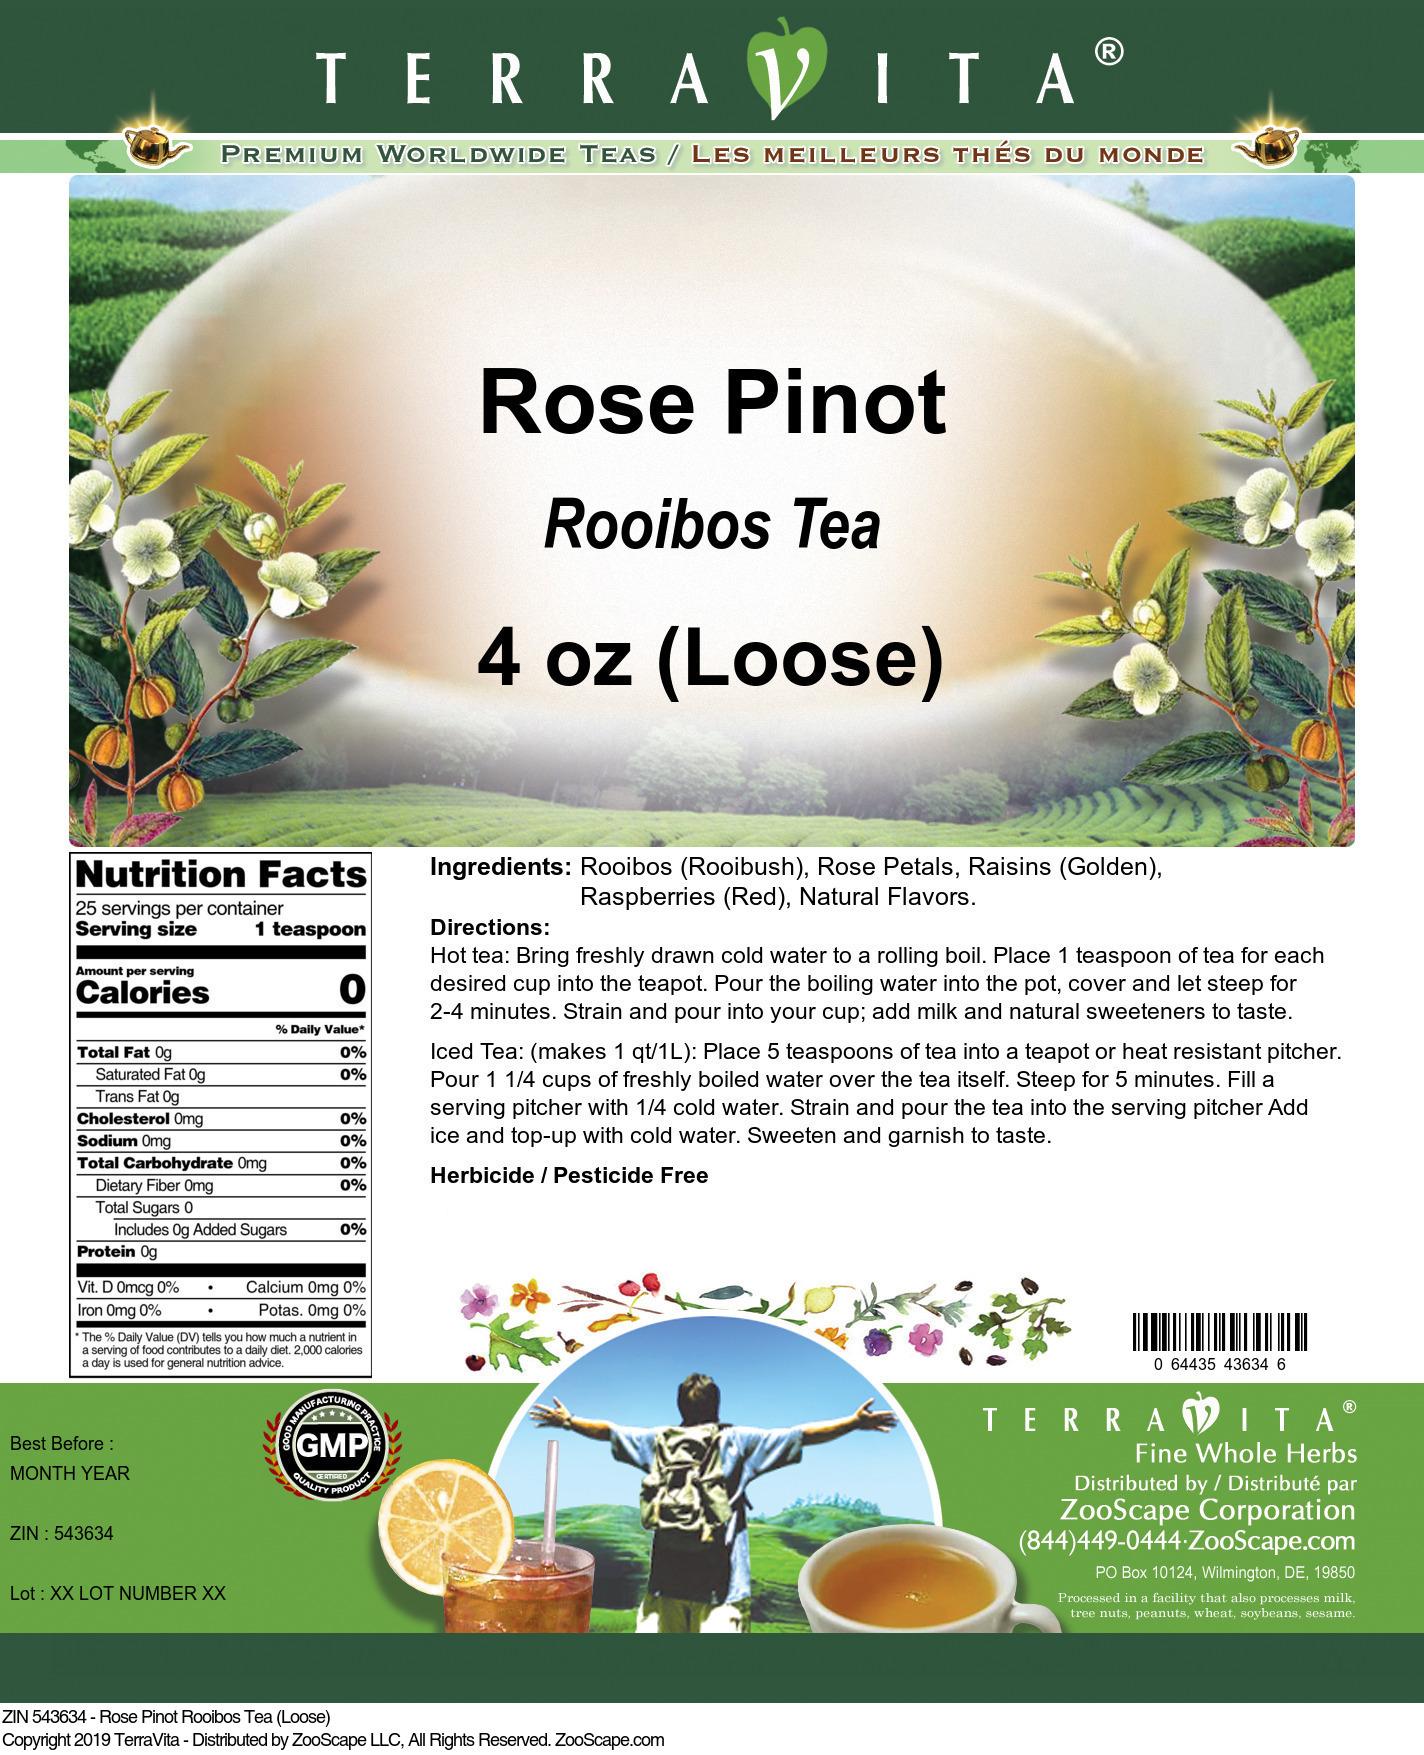 Rose Pinot Rooibos Tea